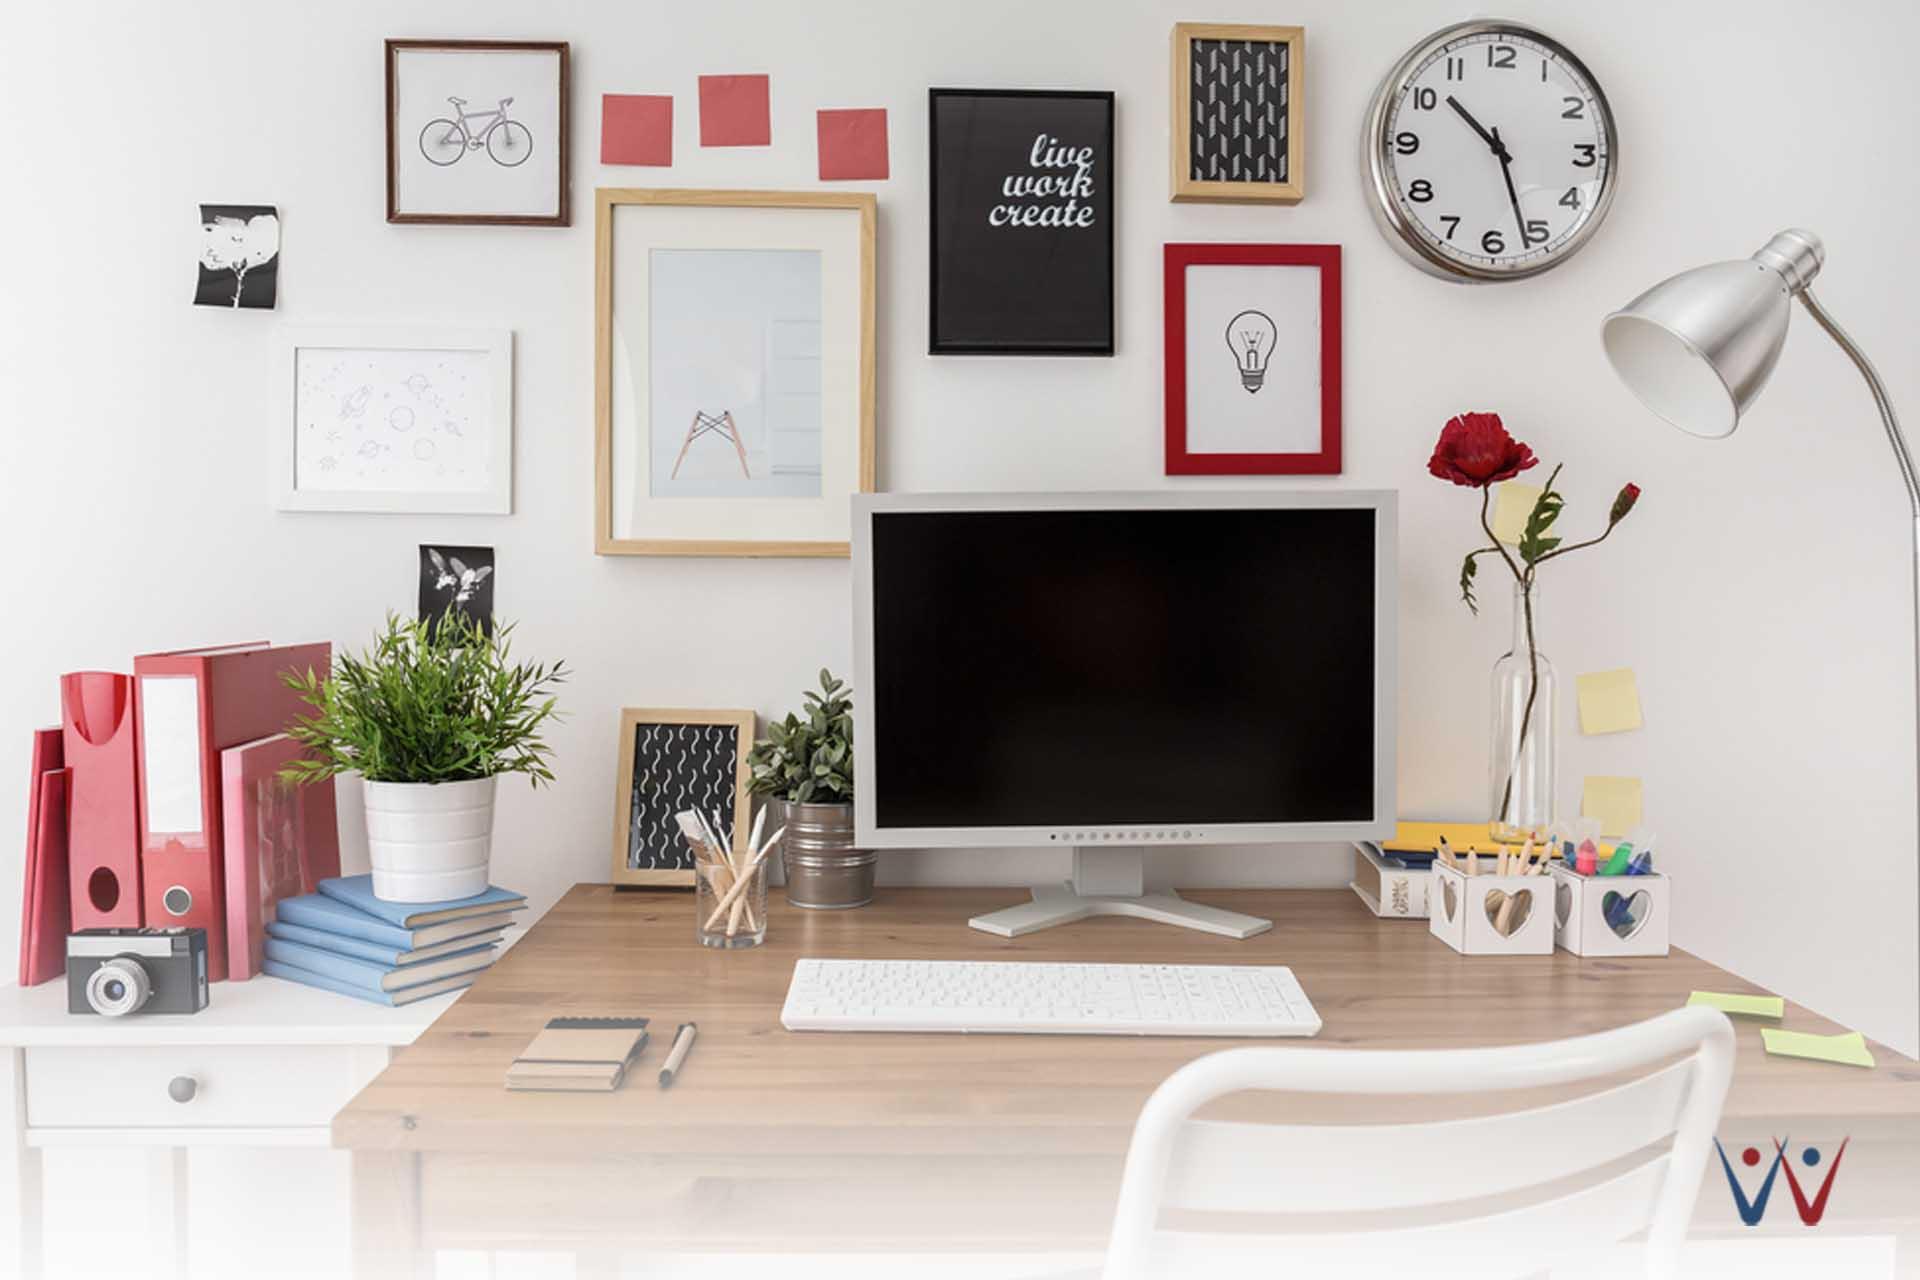 7 Macam Pekerjaan yang Bisa Dicoba di Rumah Selama Karantina, Bisa Tambah Penghasilan | cryptonews.id